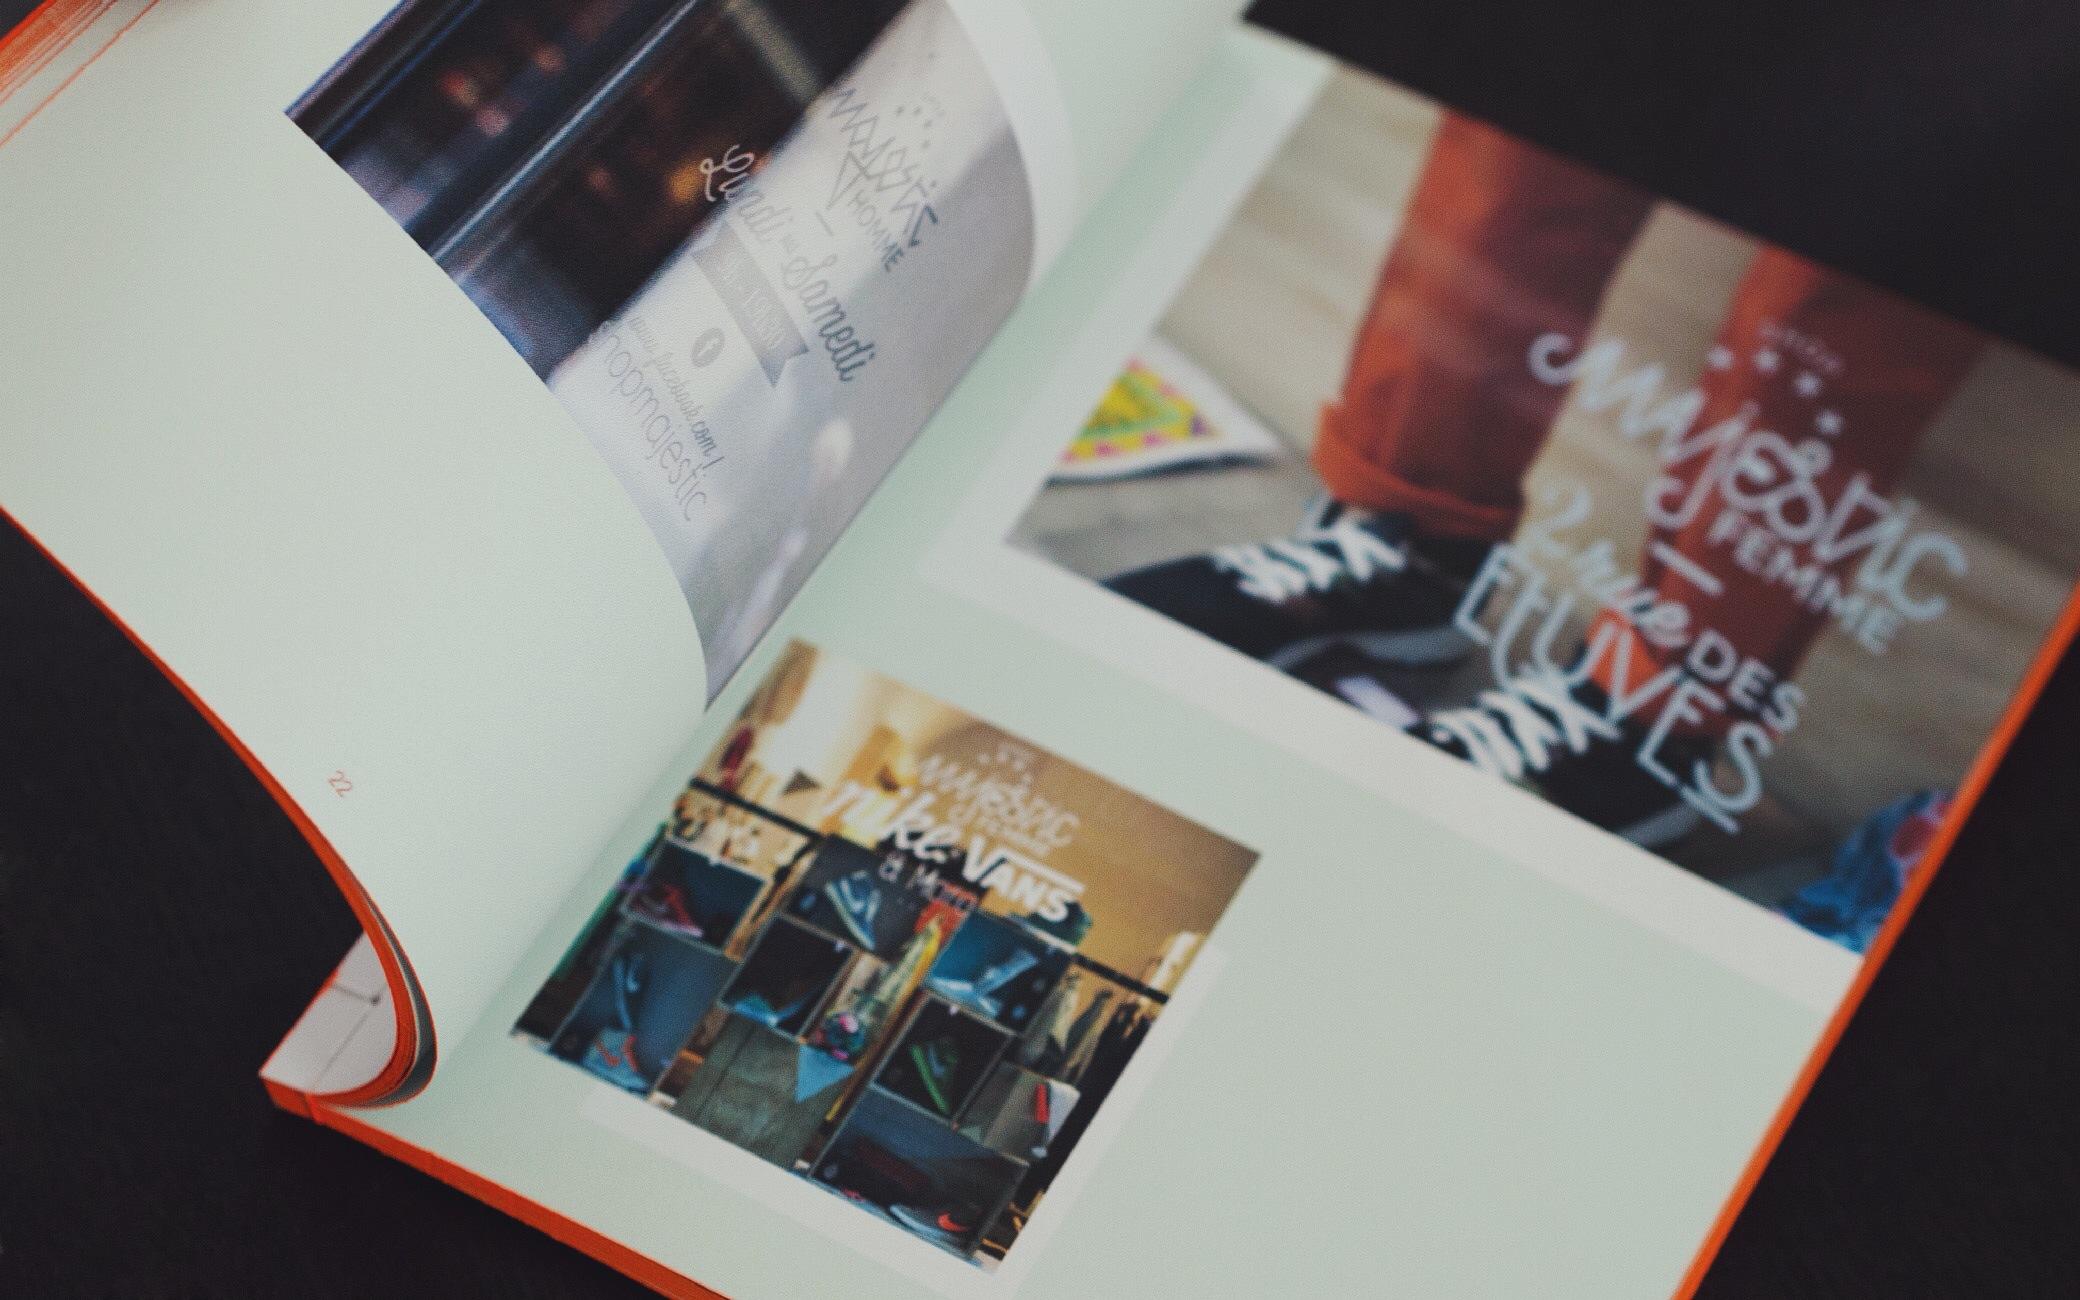 alexia roux, alexia, roux, alexiaroux, rouxrouxroux, graphiste, designer graphique, graphisme, édition, graphic design, graphic designer, béziers, montpellier, toulouse, dsaa, diplôme supérieur des arts appliqués, diplôme, lycée des arènes, olympiades des métiers, worldskills, focus, majestic, identité, identity, logo,